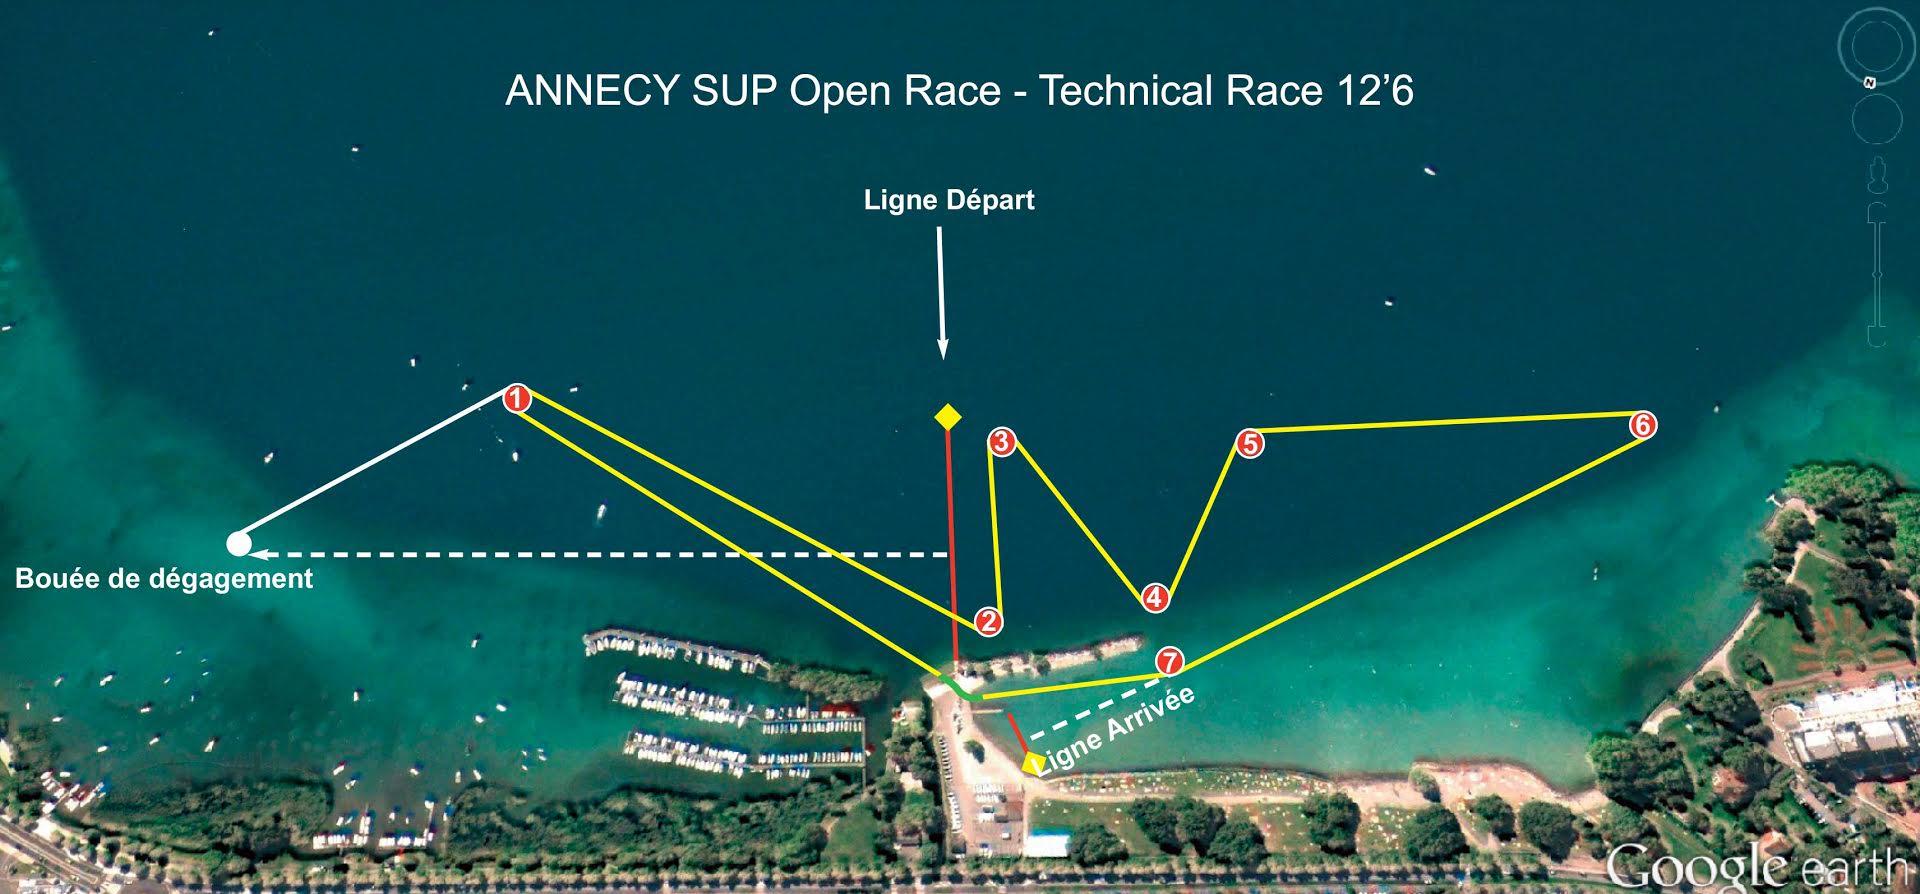 5ème édition du Sup Open Race du Lac d'Annecy 24 et 25 septembre